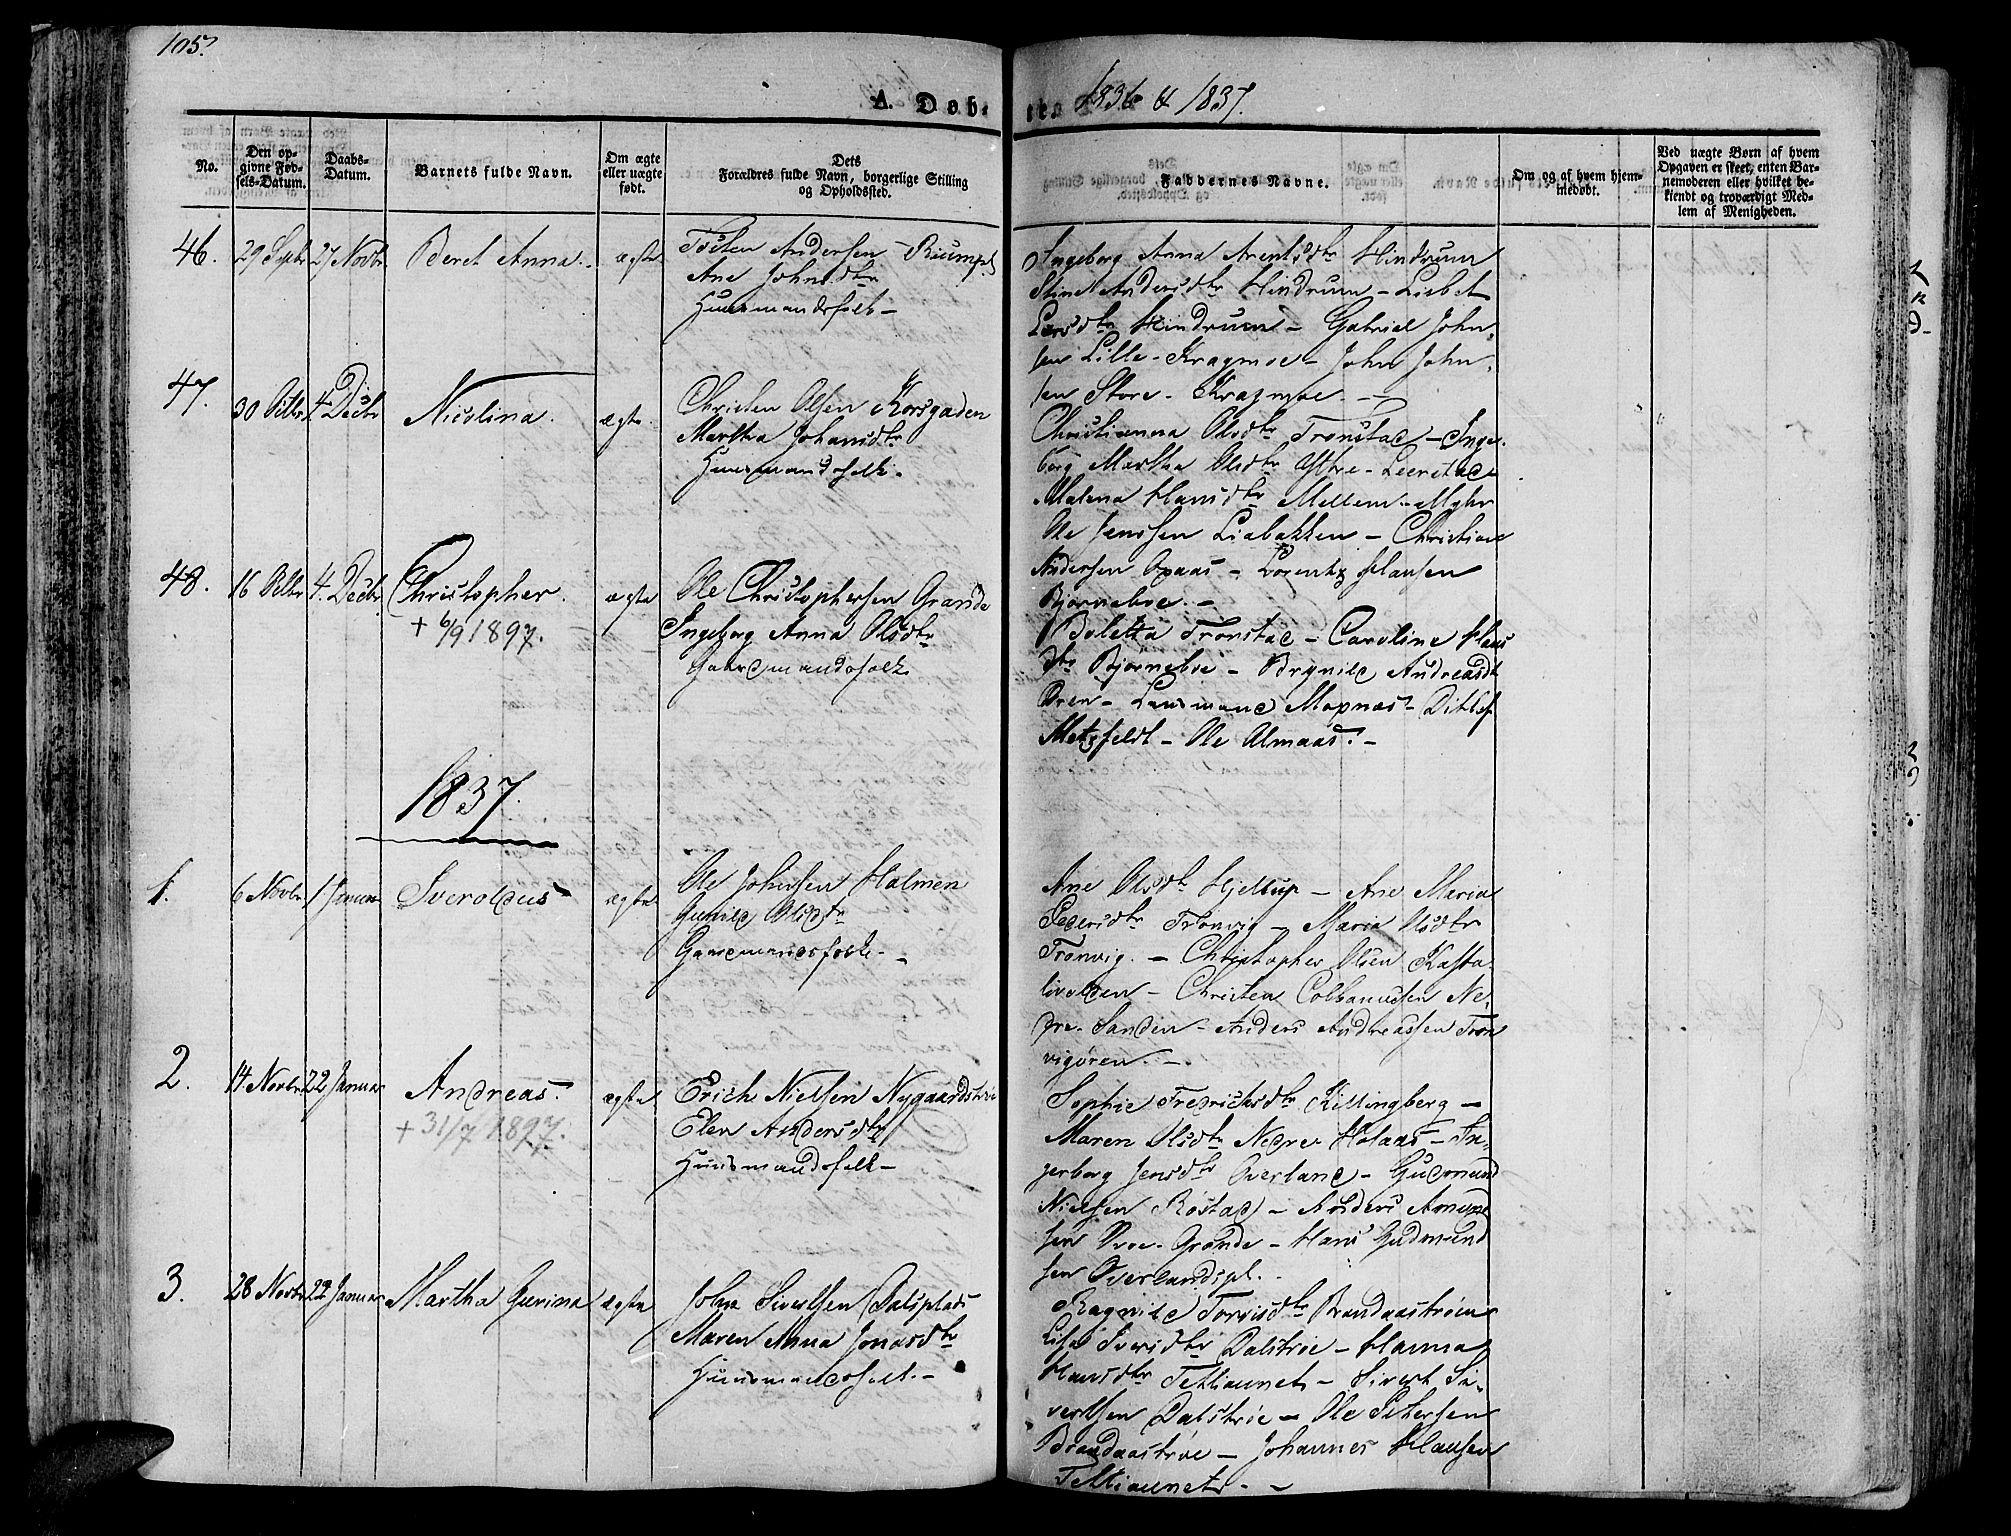 SAT, Ministerialprotokoller, klokkerbøker og fødselsregistre - Nord-Trøndelag, 701/L0006: Ministerialbok nr. 701A06, 1825-1841, s. 105